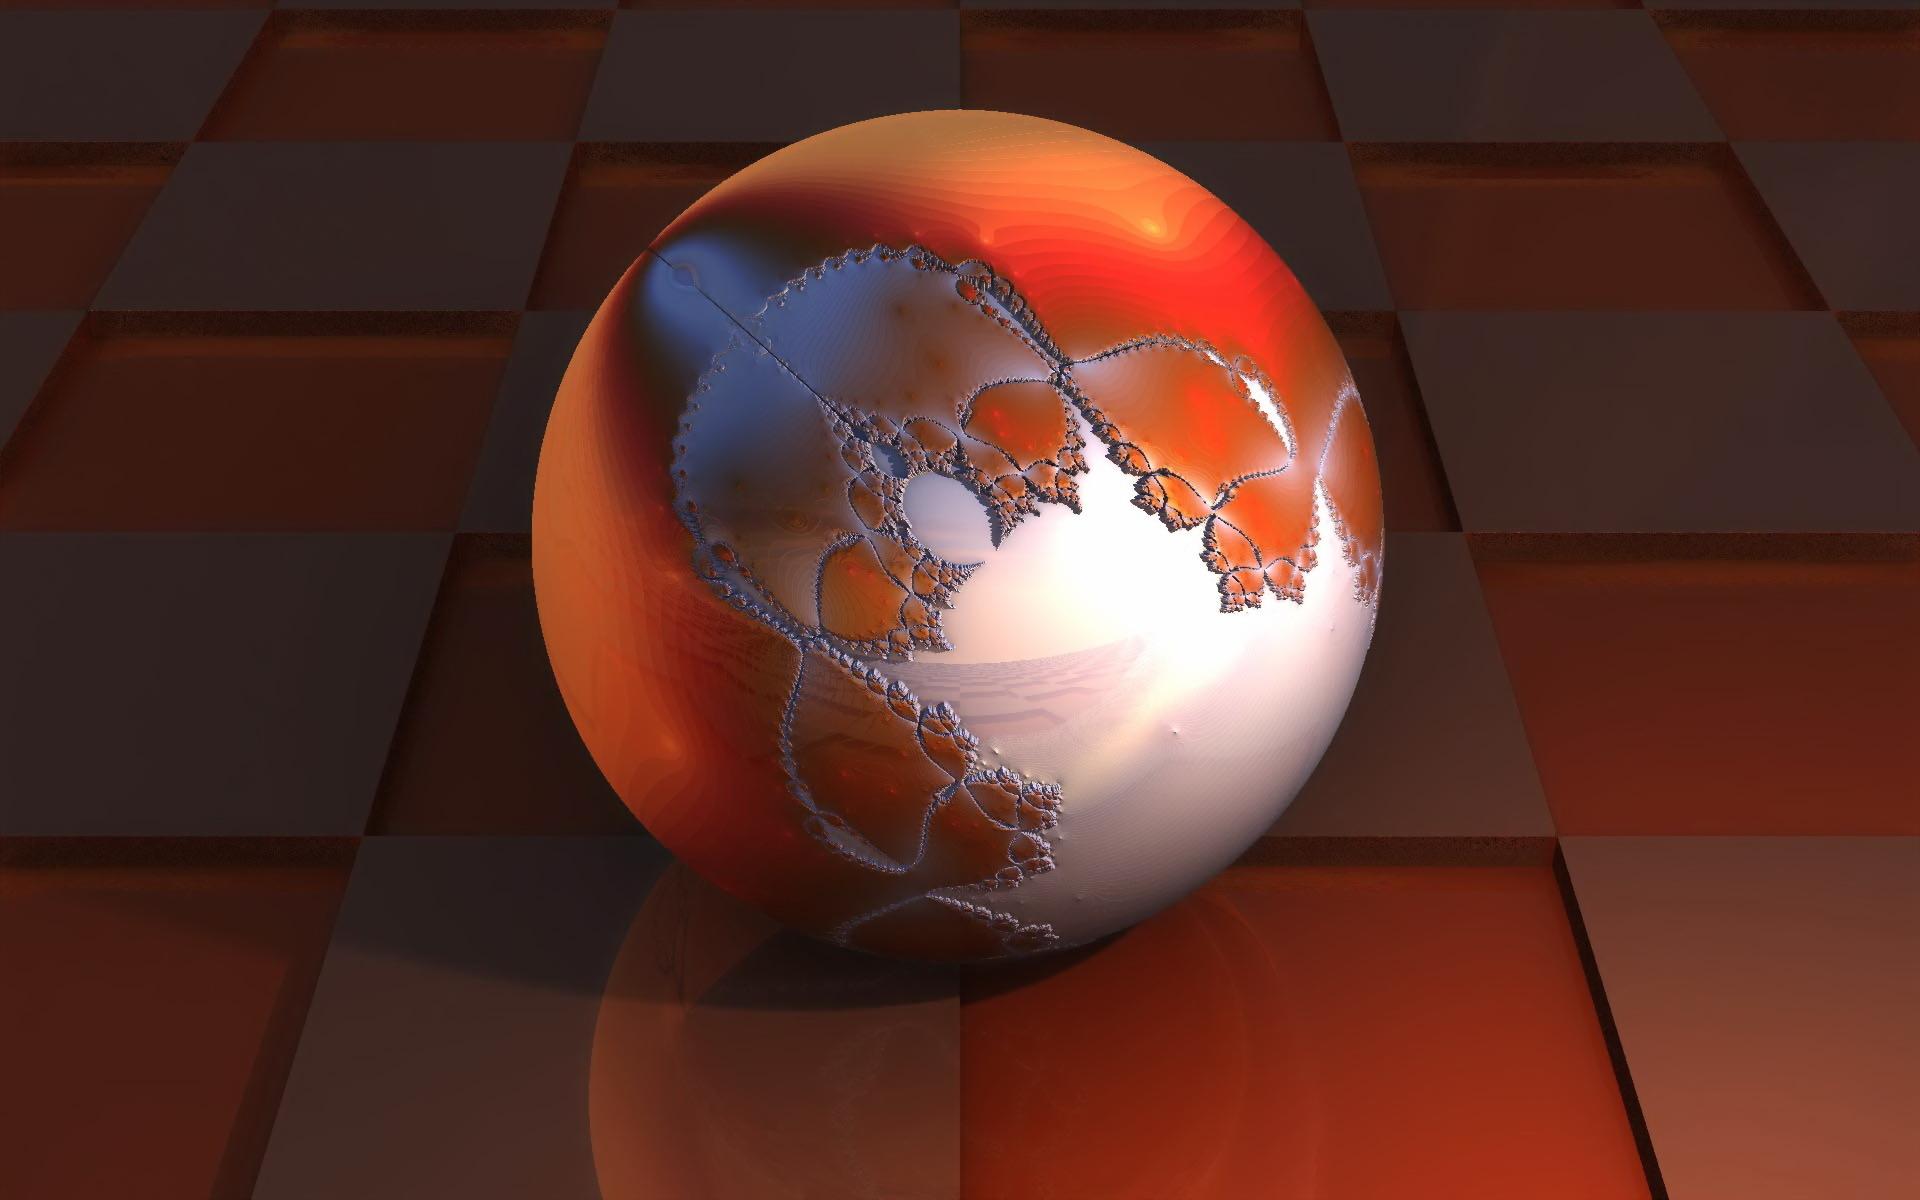 Wallpaper 3D Merah Refleksi Bola Kotak Lingkaran